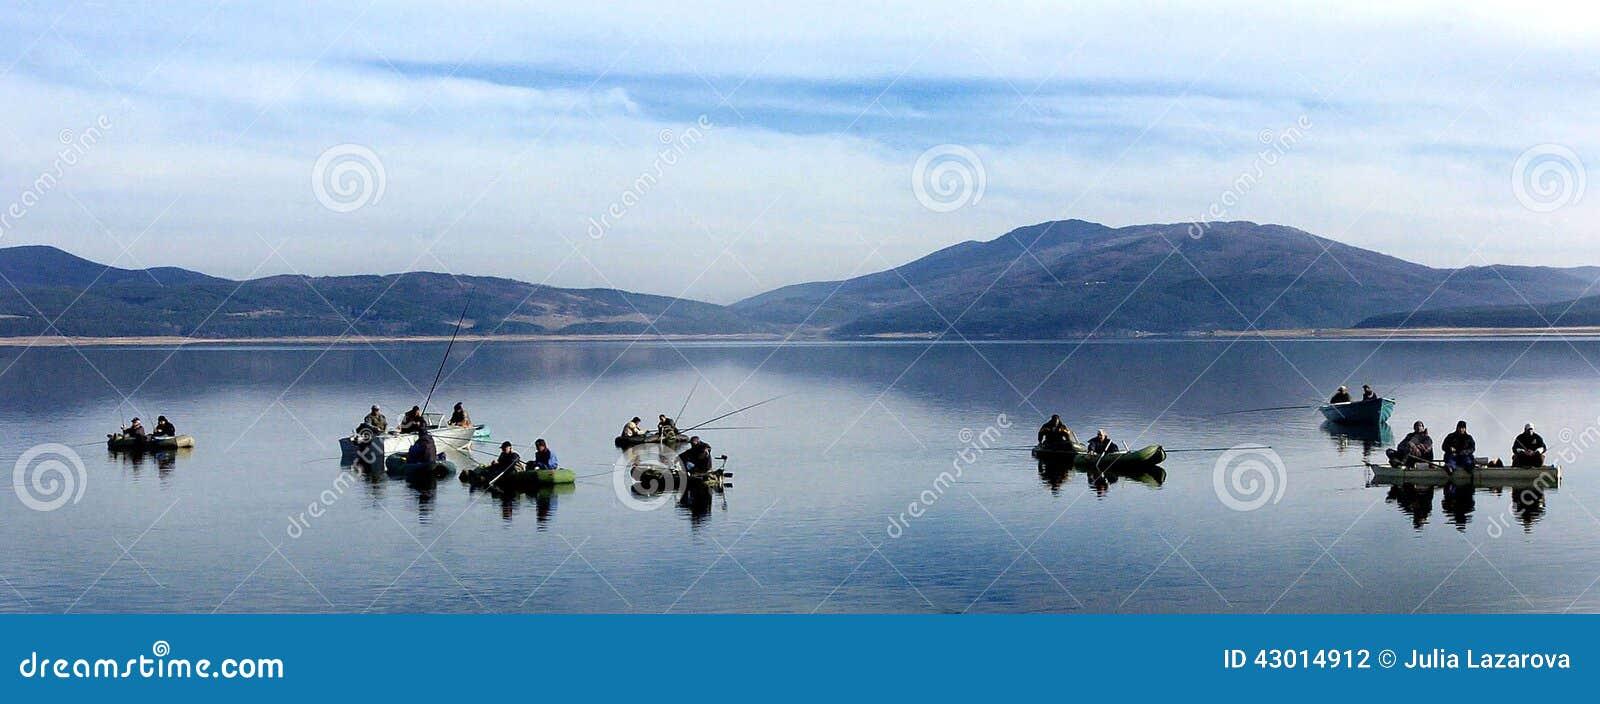 Pesca do Peixe-homem no lago